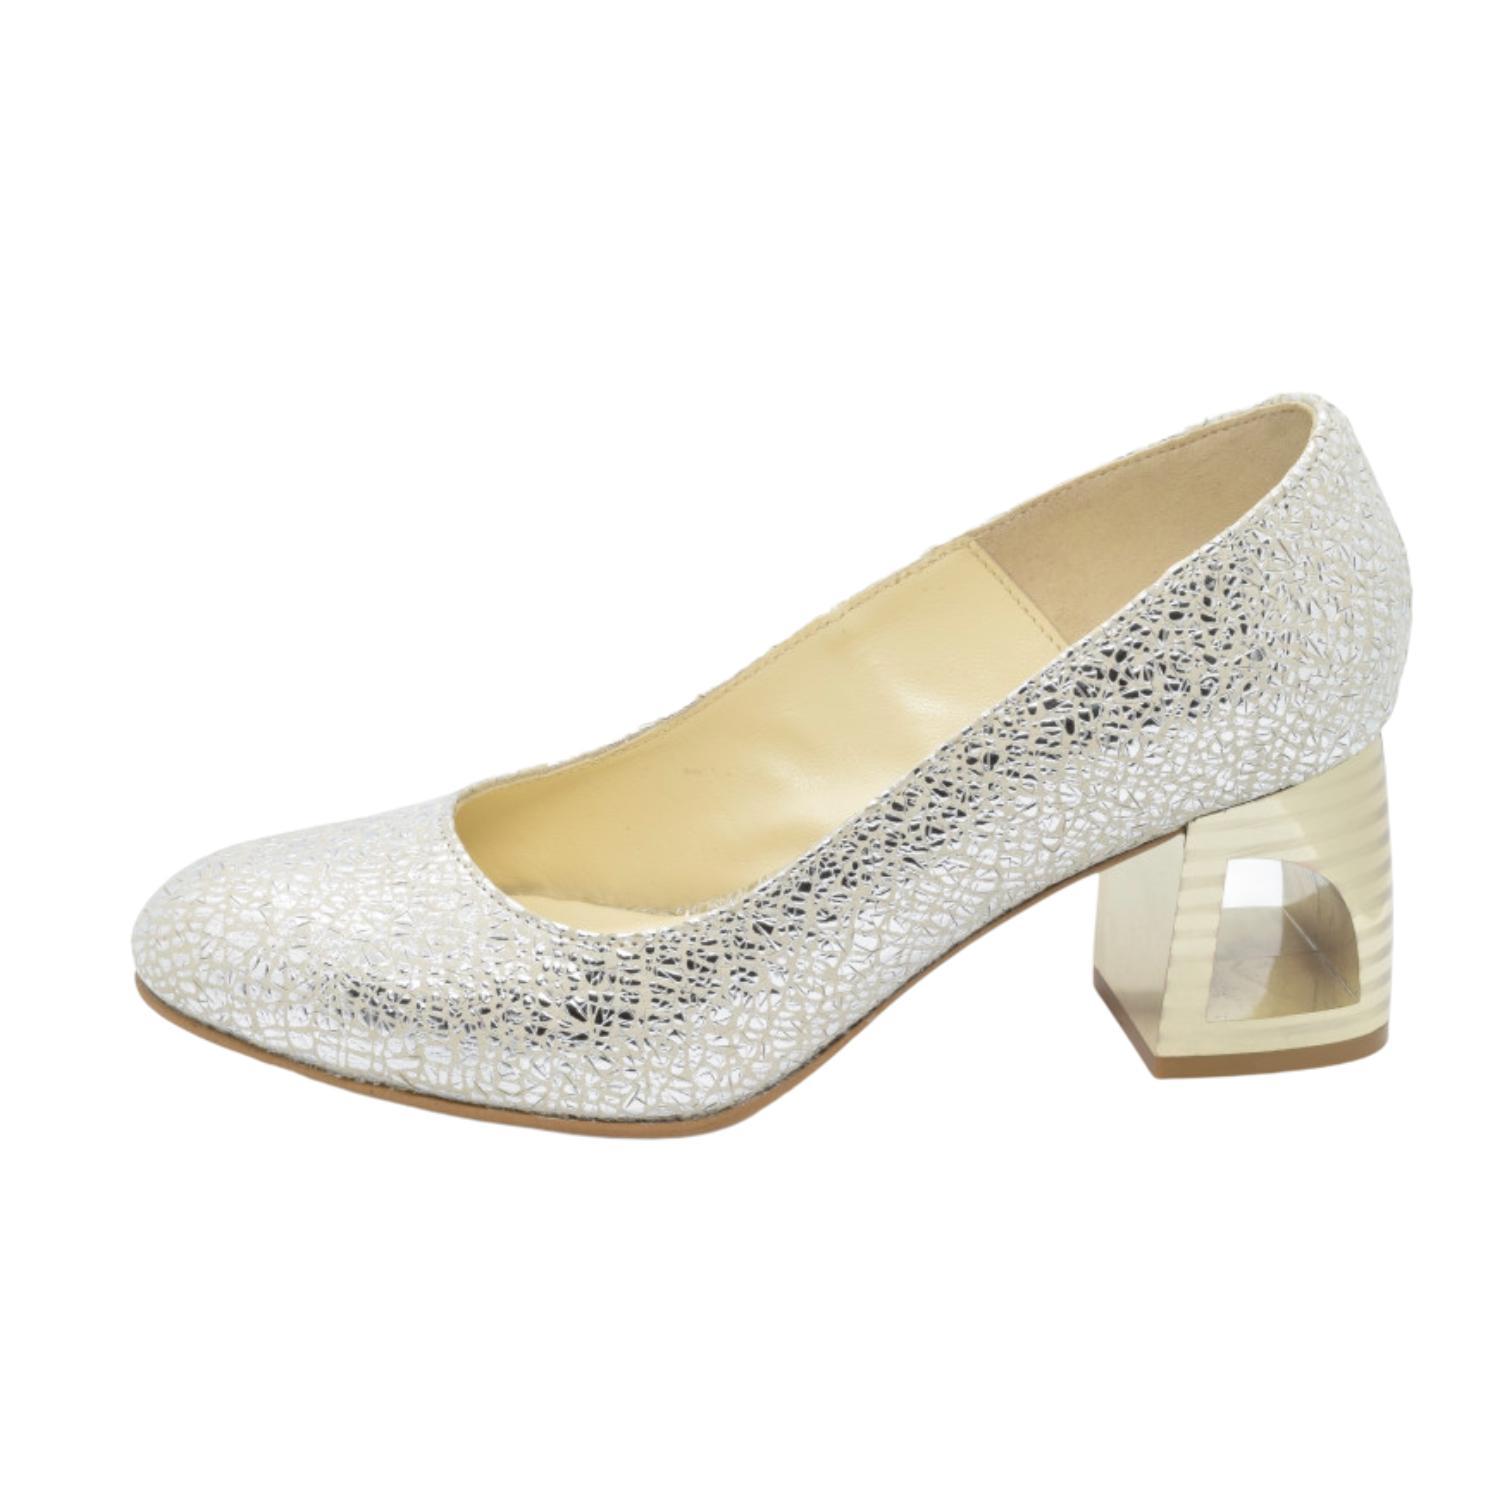 Pantofi argintii cu toc in dungi